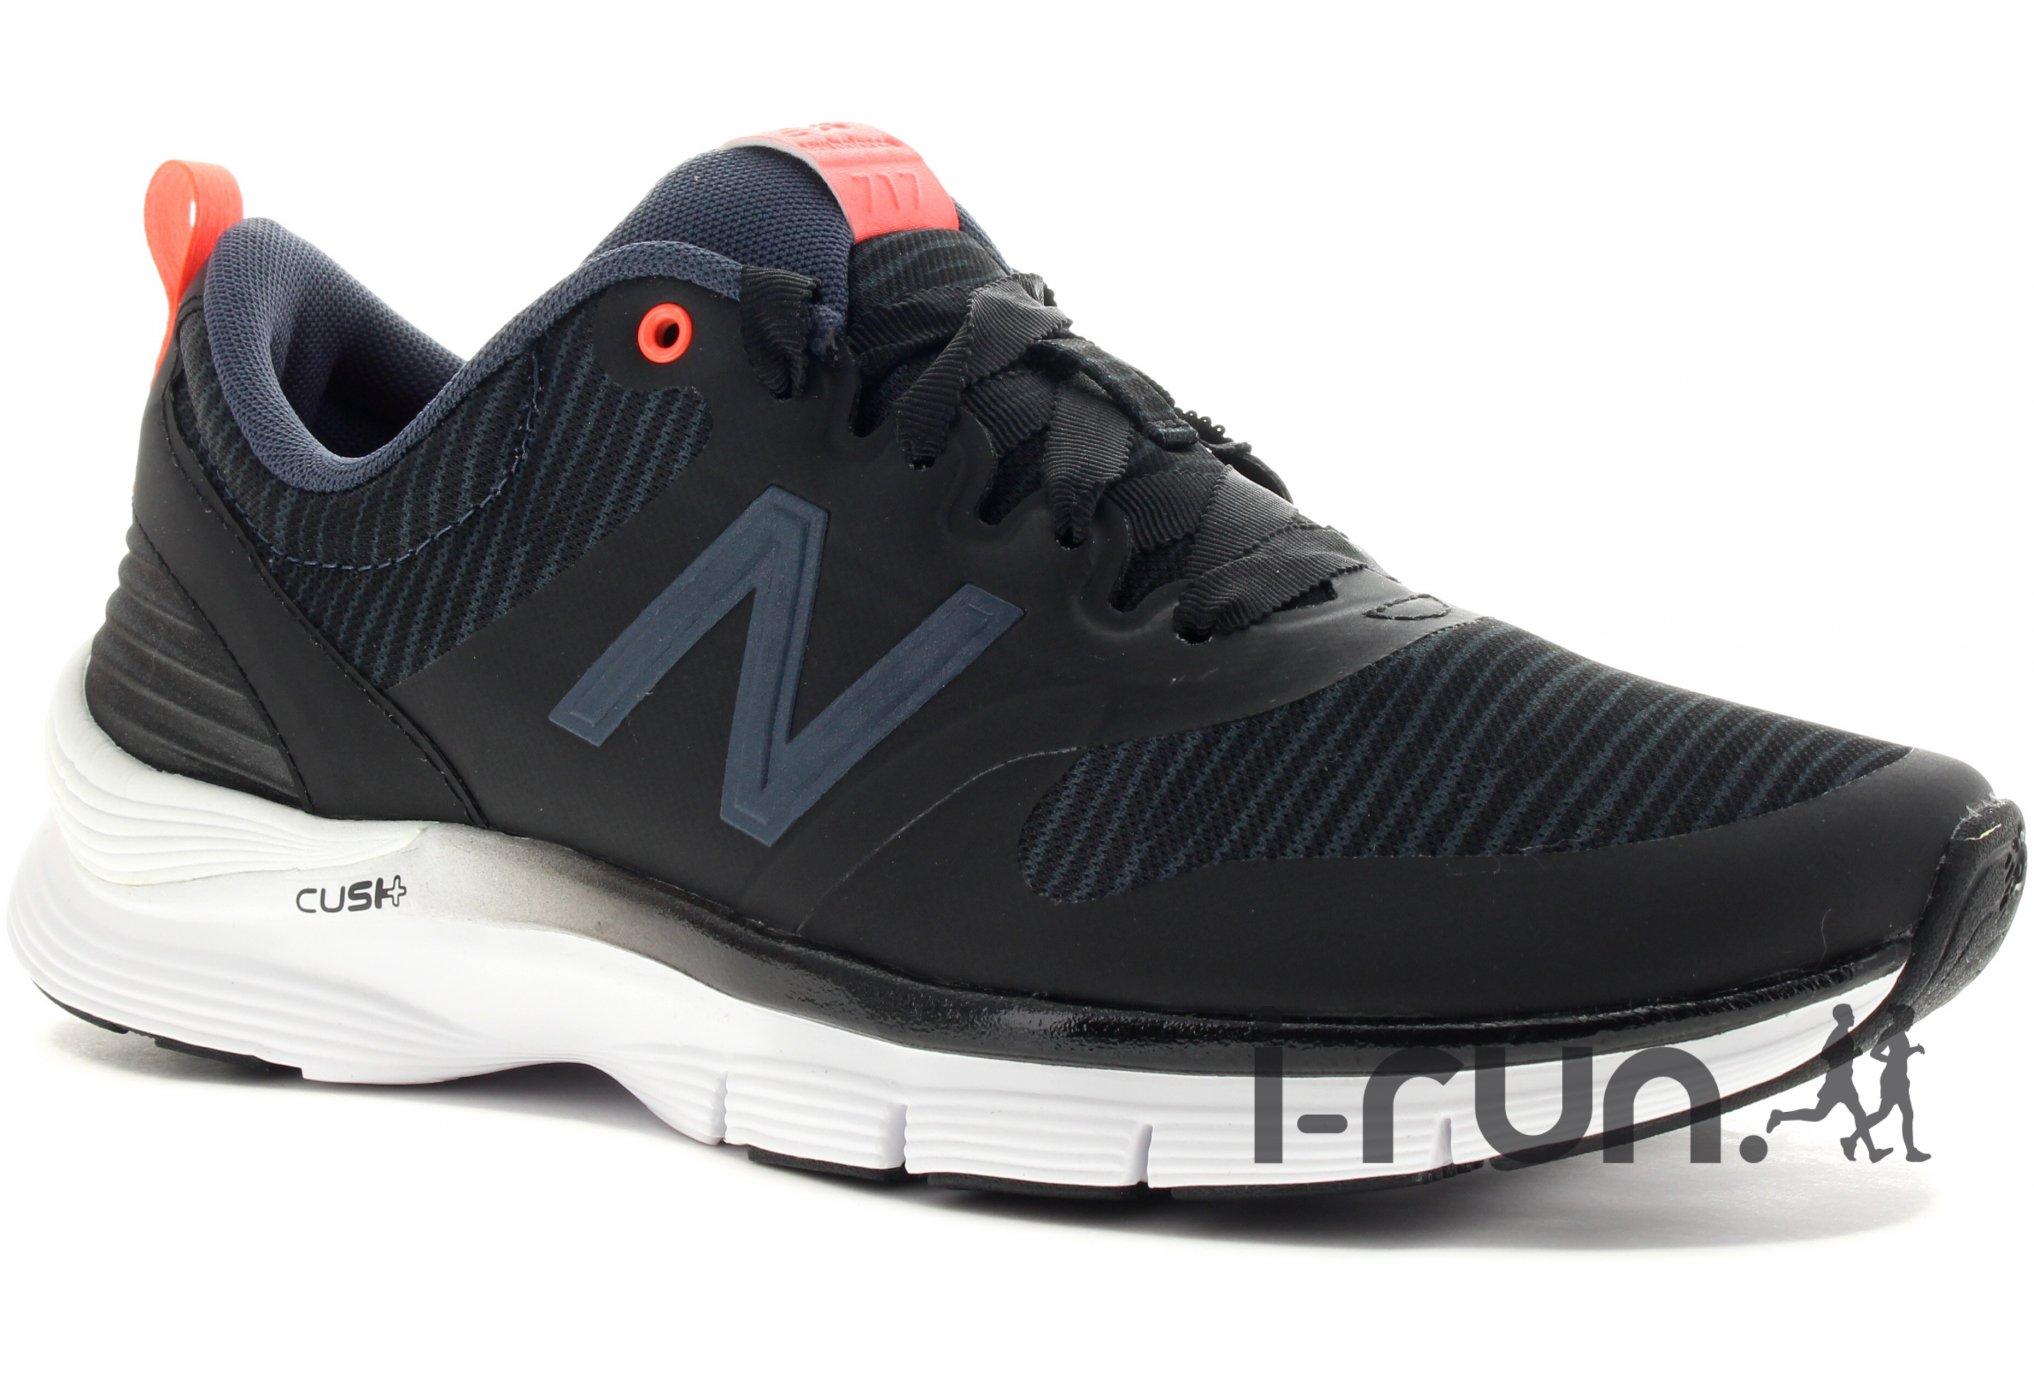 New Balance W F717 - B Diététique Chaussures femme